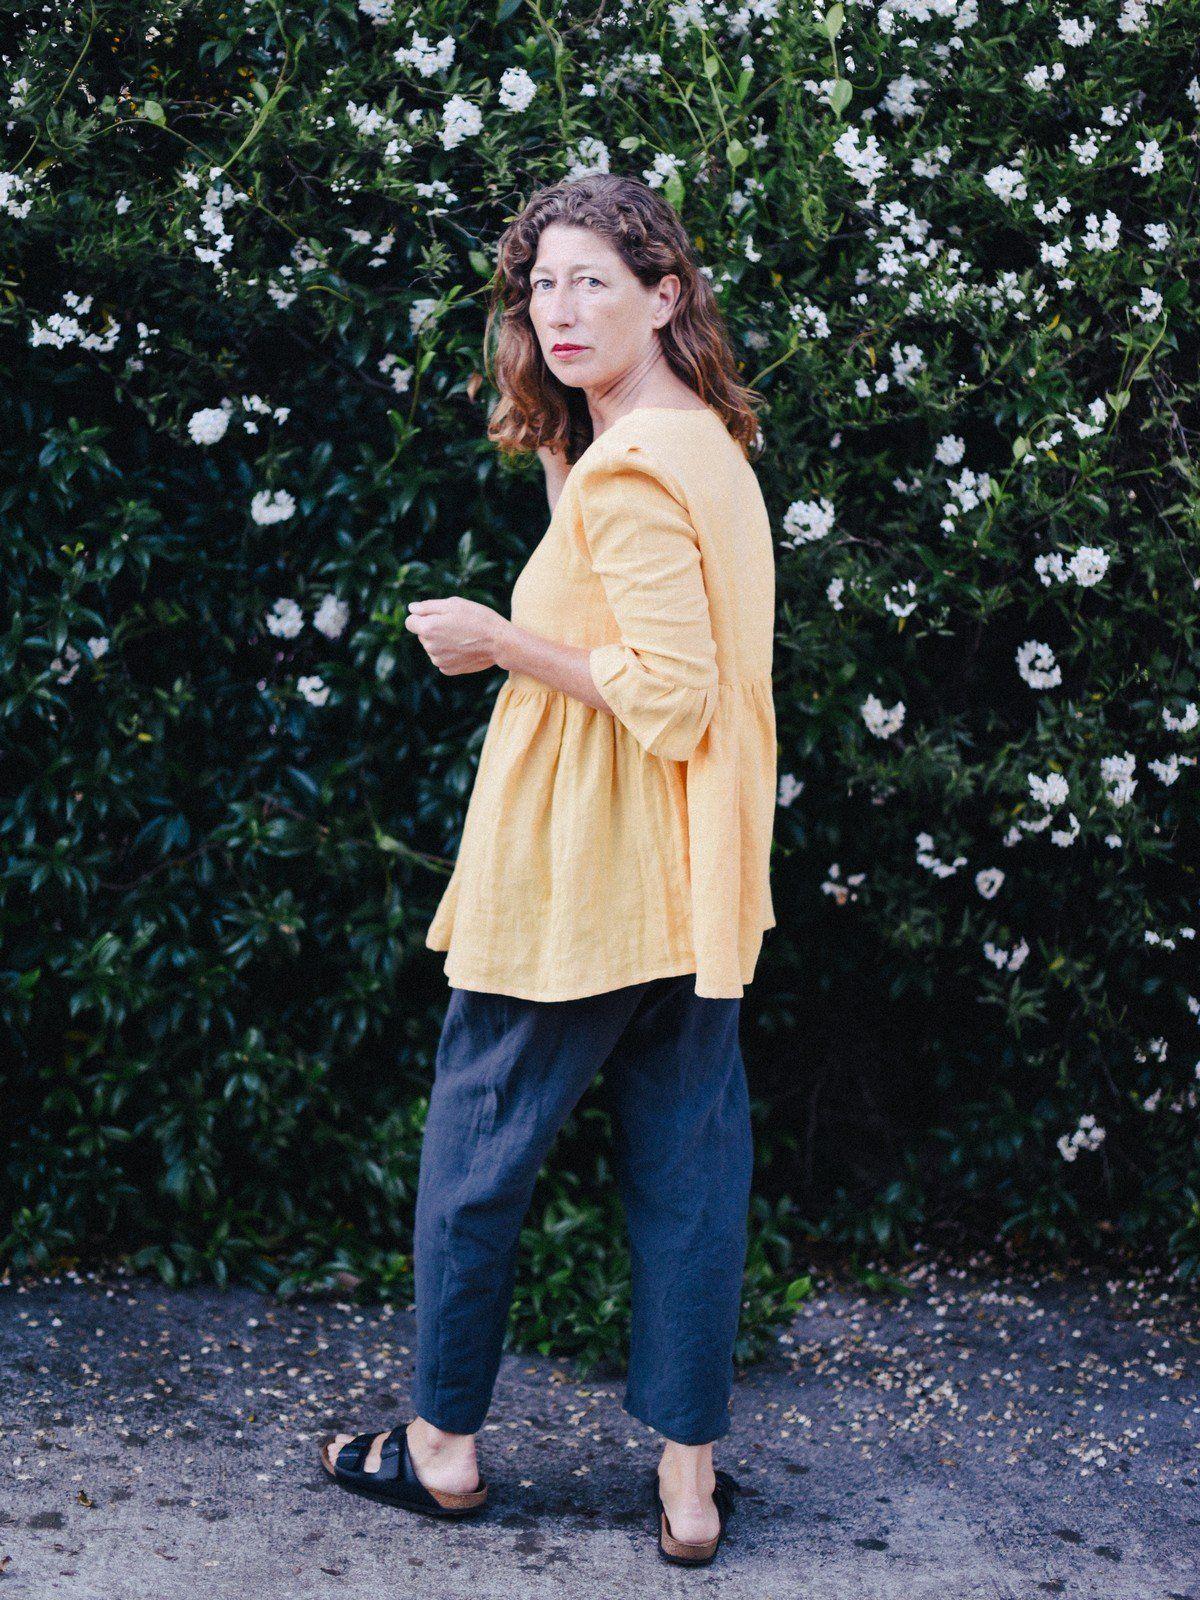 Pantalon lino mujer